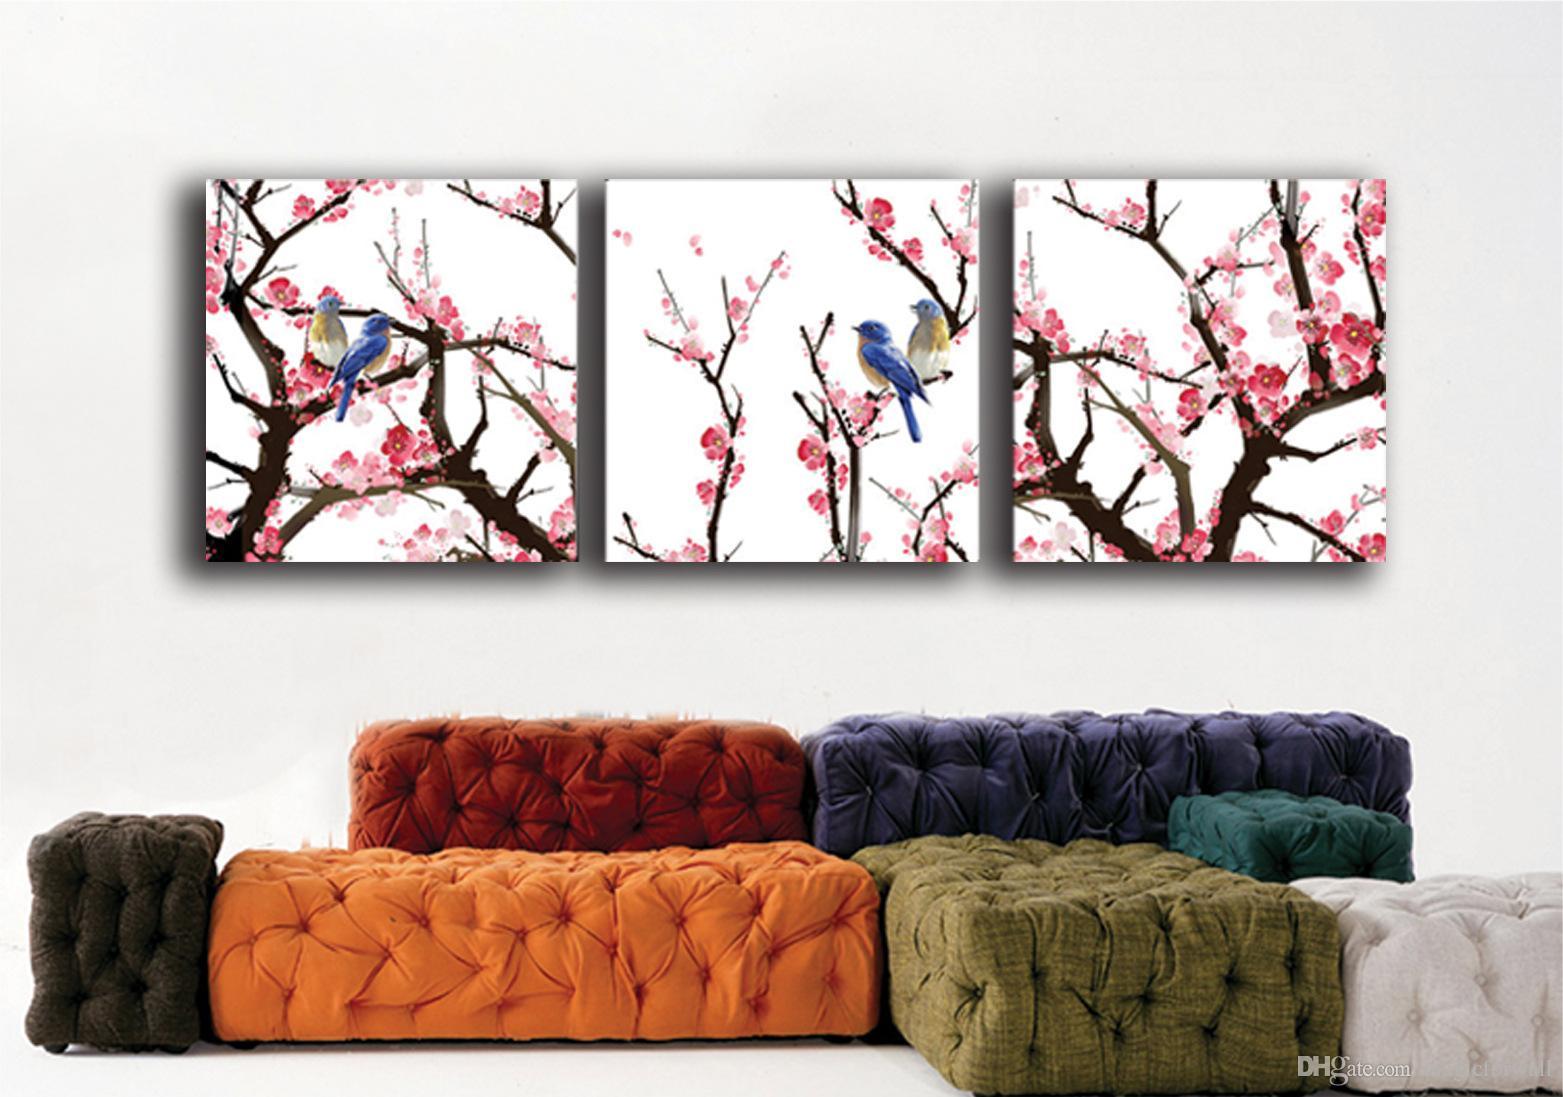 3 шт. В комплект декоративное искусство без рамки гостиная диван фон настенная живопись декор творческий мода искусство стикер стены термоаппликации